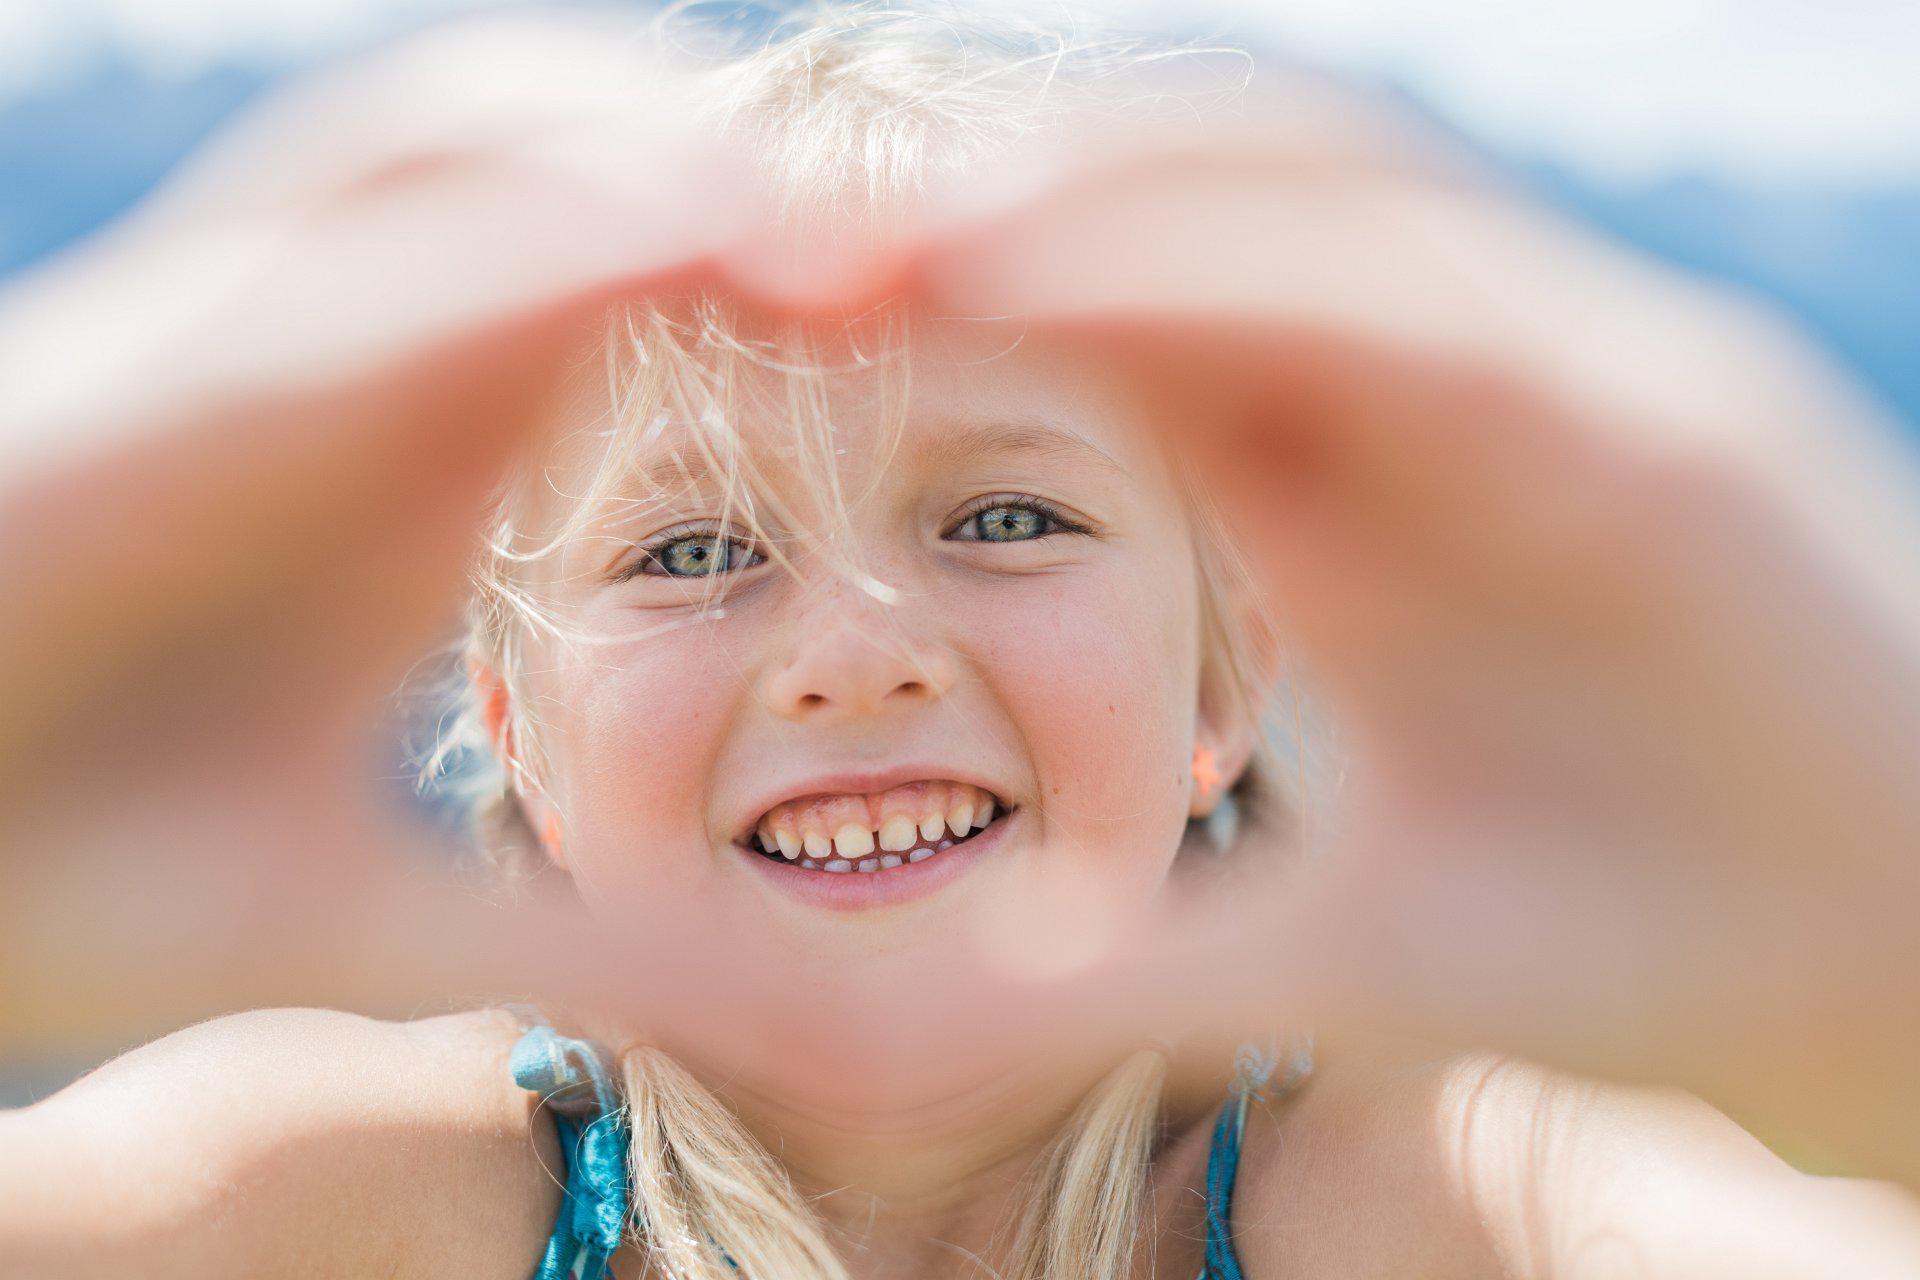 Ein kleines Mädchen streckt beide Hände zu einem Herz geformt in die Kamera.